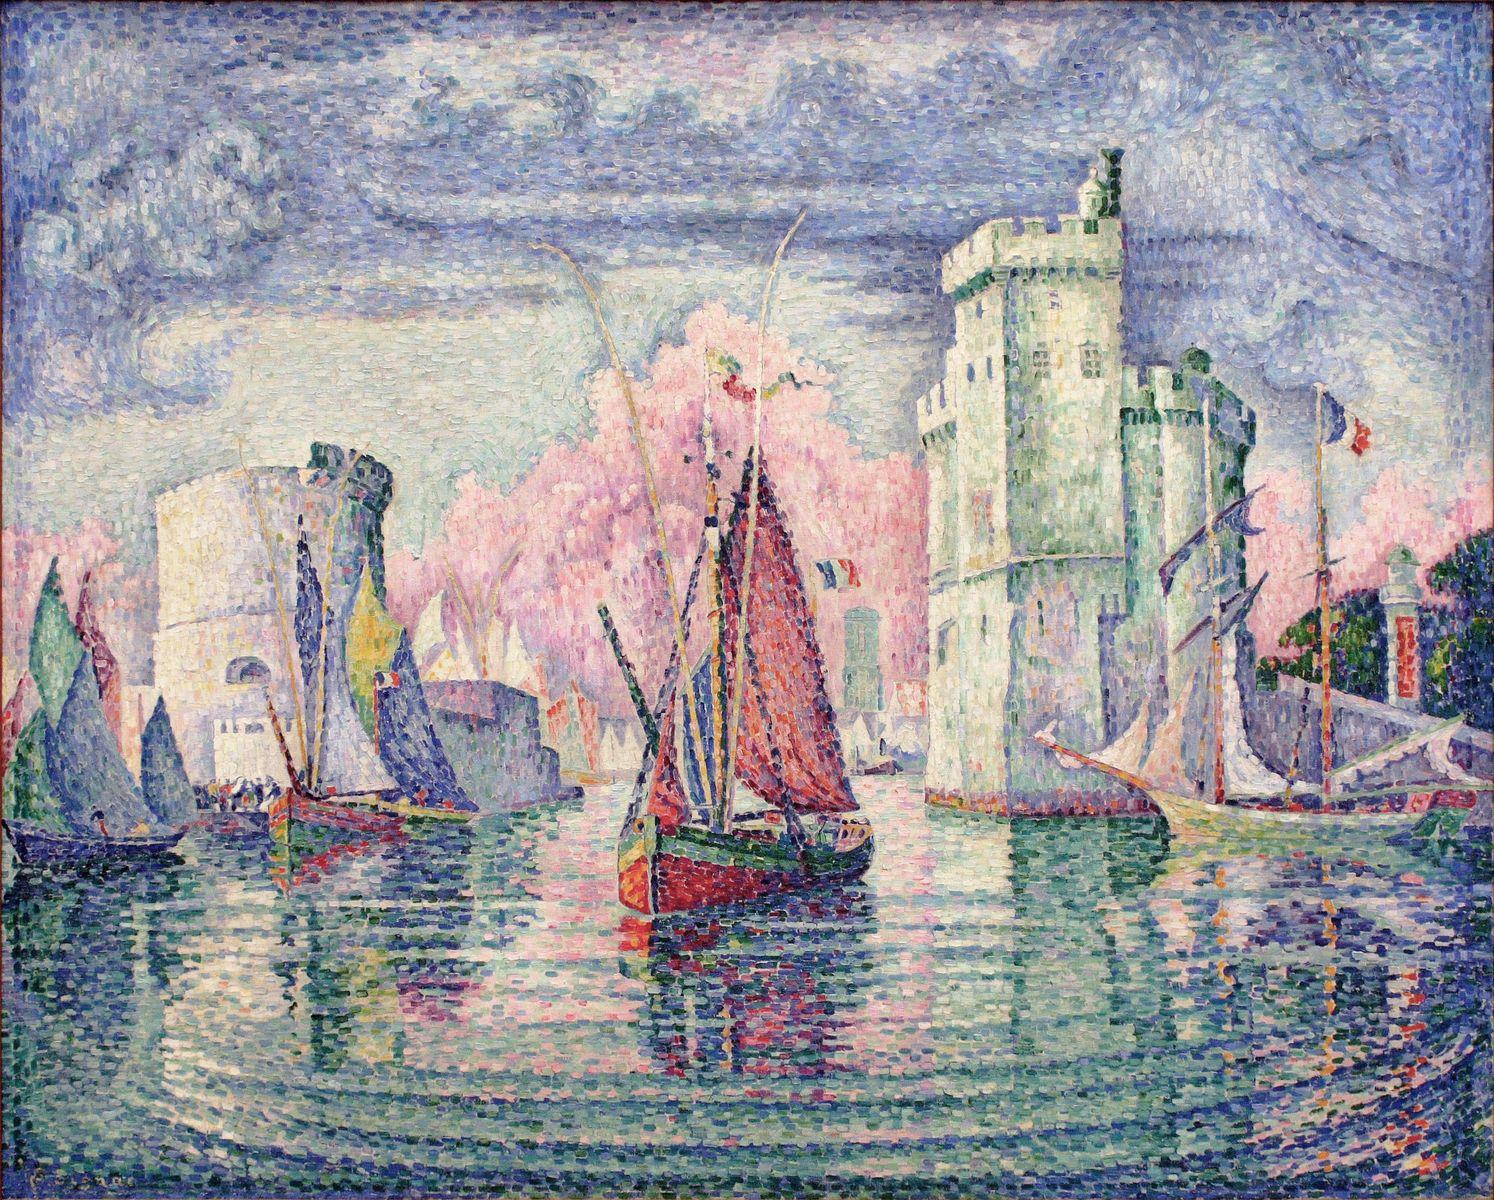 Вход в порт Ла-Рошель. Поль Синьяк, 1921, Музей Орсе, Париж 130 x 162 см